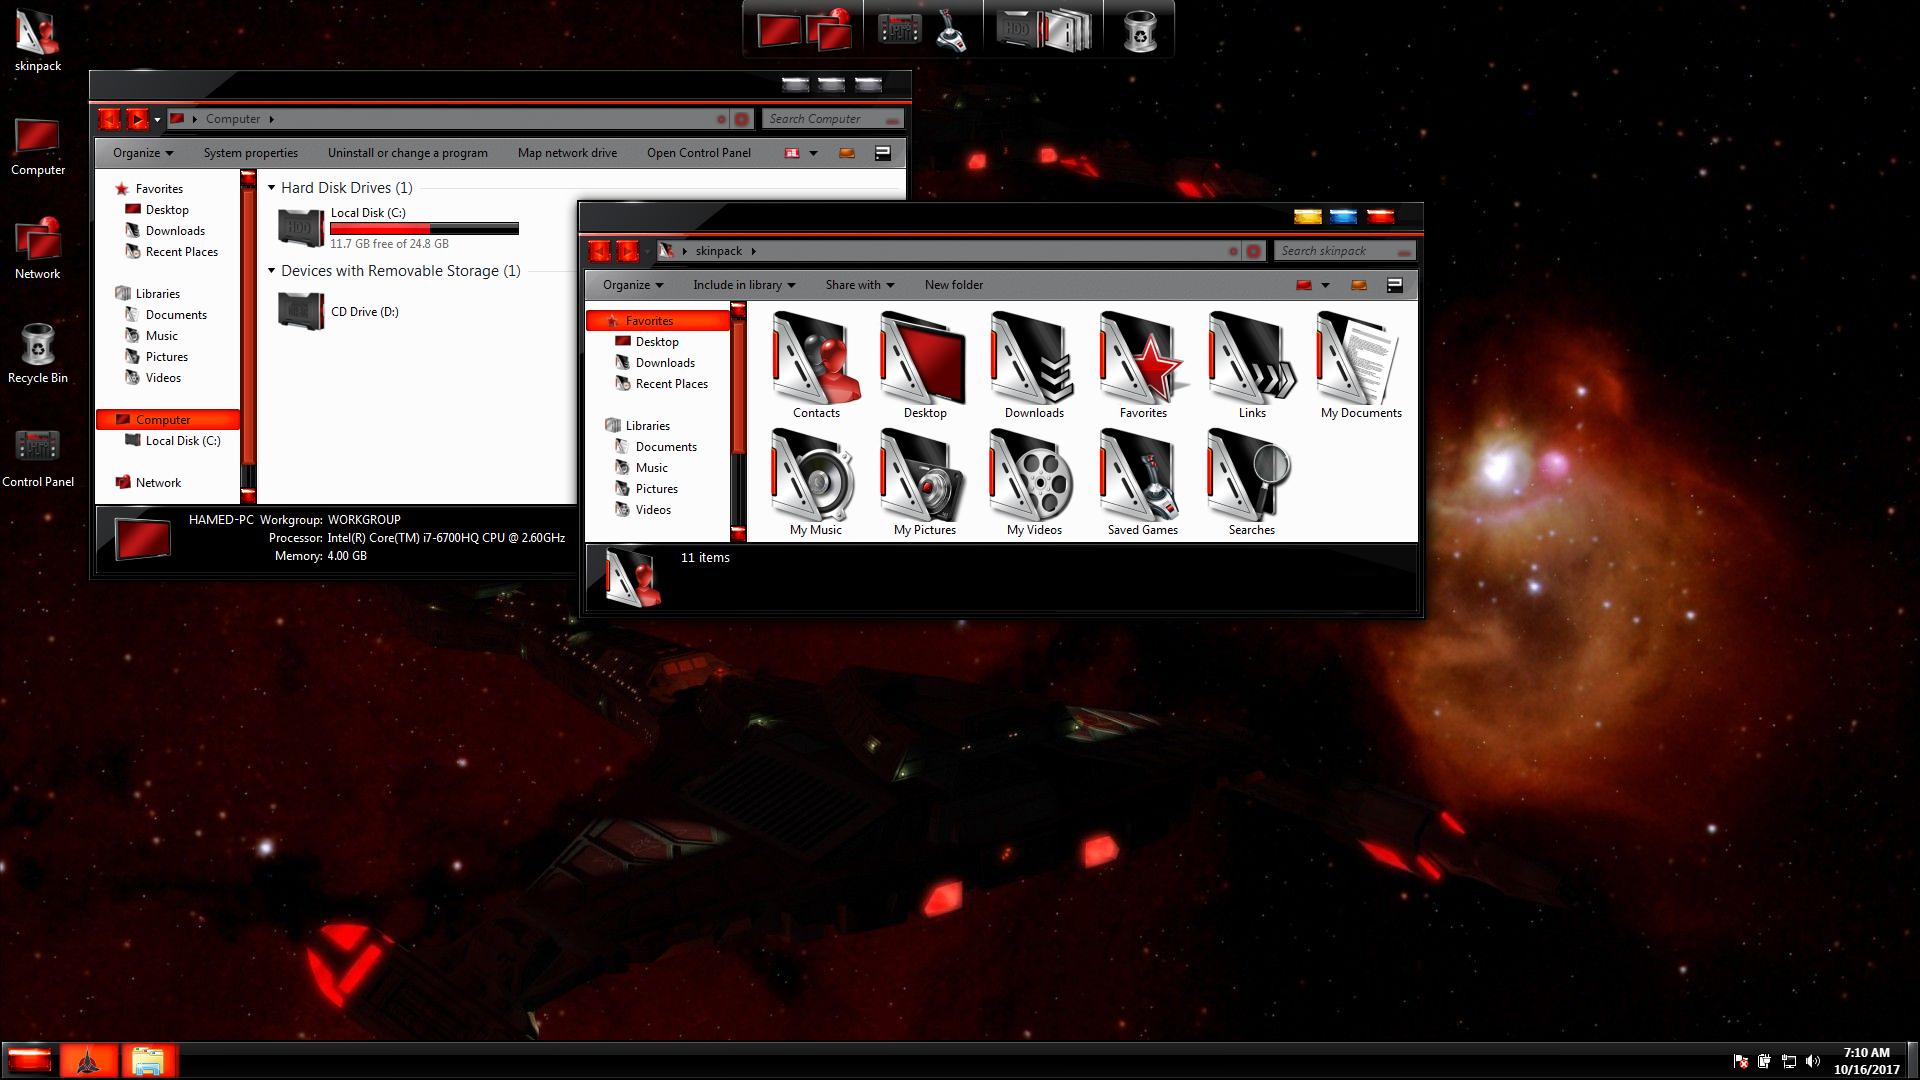 StarTrek Gold SkinPack for Windows 7